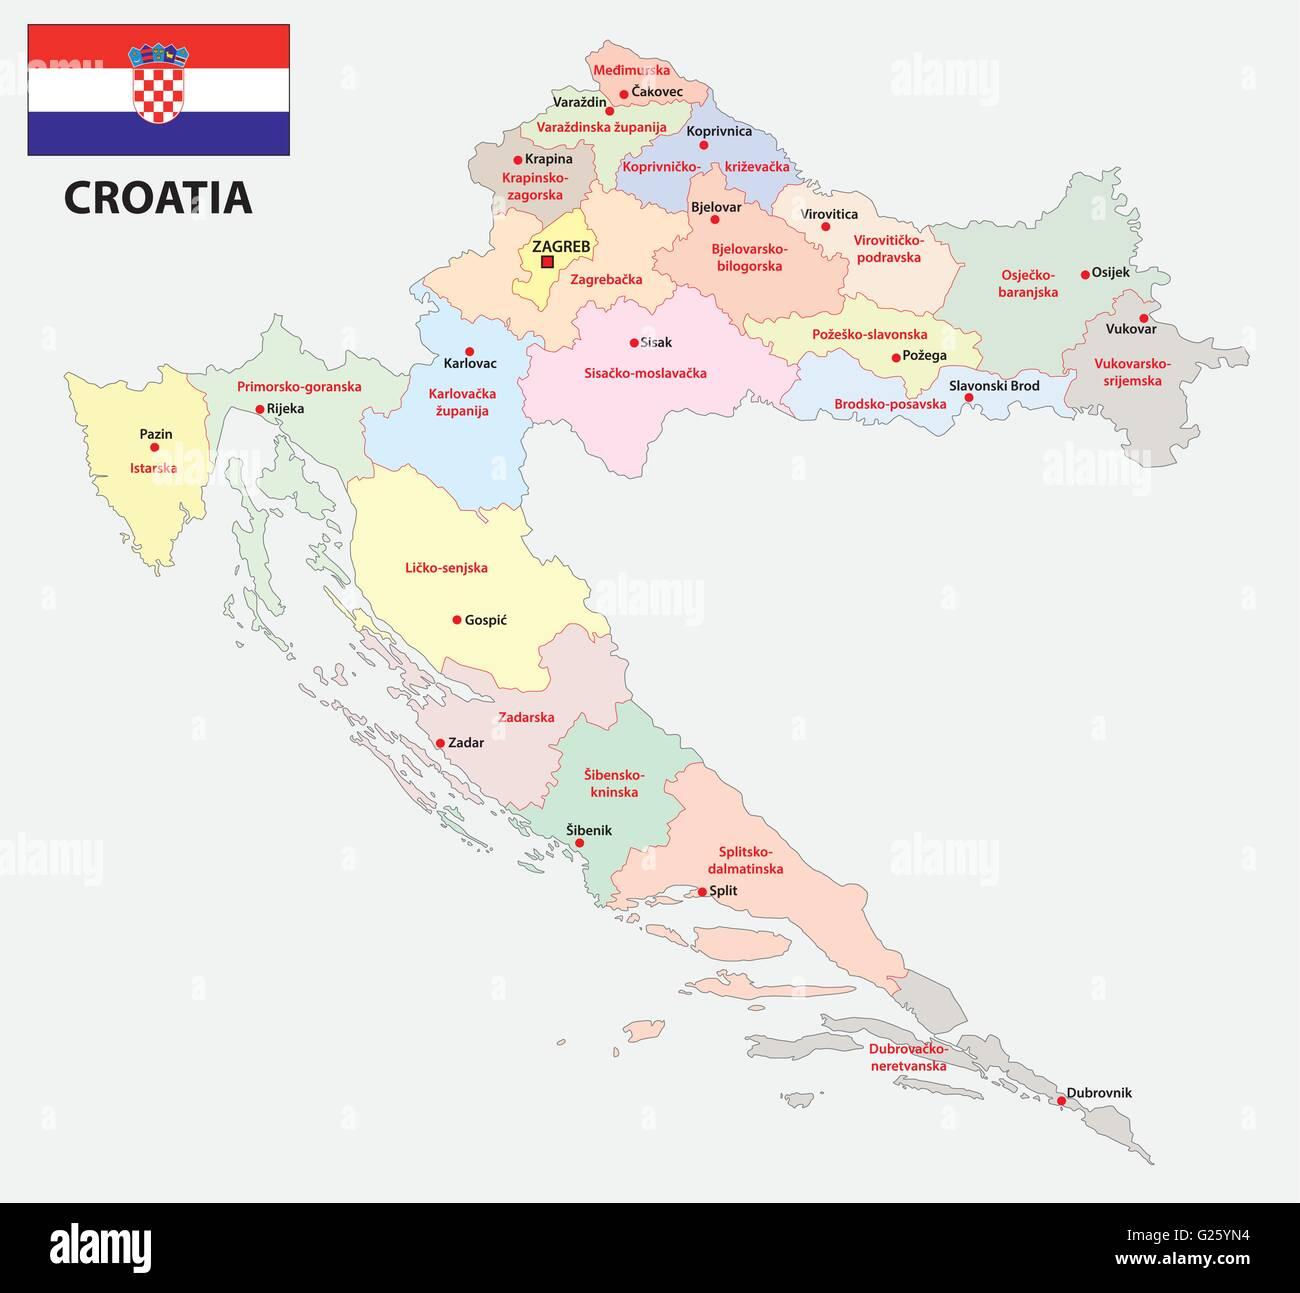 Carte Administrative Croatie.Politique Et Administrative Carte Administrative De La